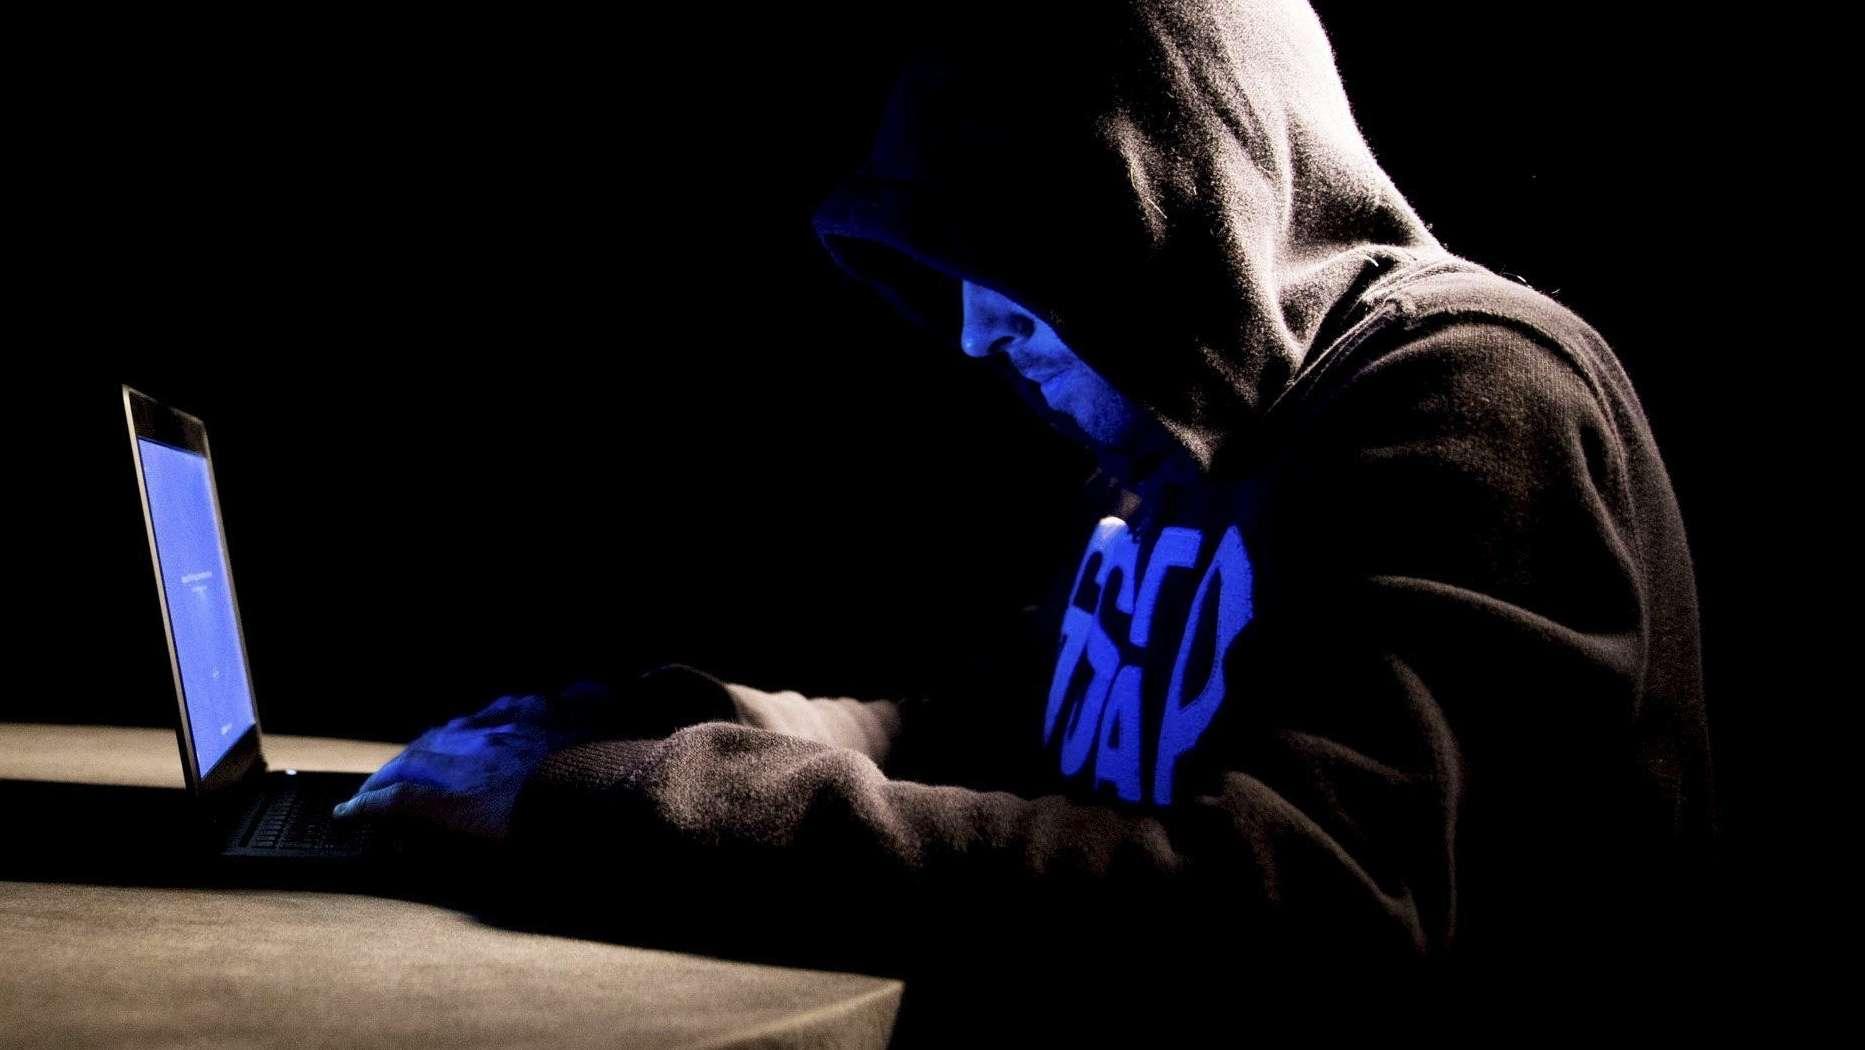 Mann mit Kapuze an einem Computer